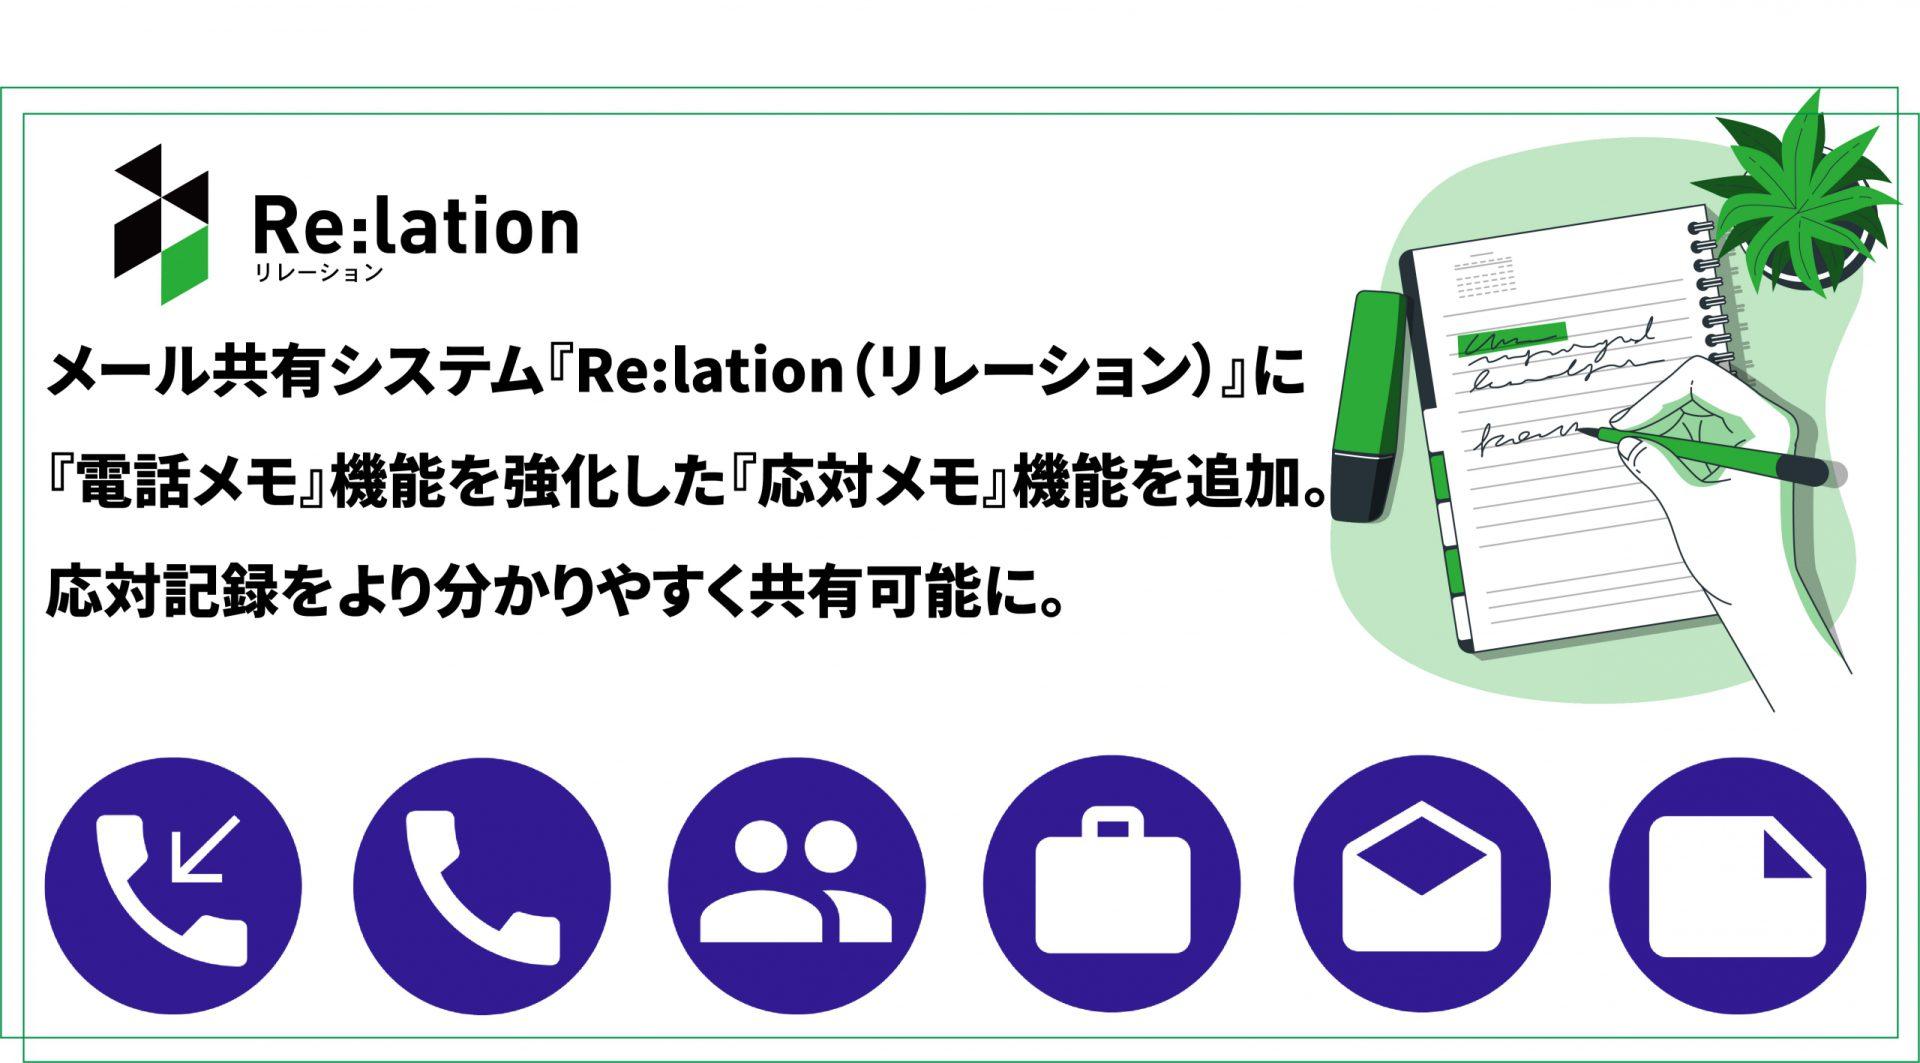 メール共有システム『Re:lation(リレーション)』に『電話メモ』機能を強化した『応対メモ』機能を追加。応対記録をより分かりやすく共有可能に。